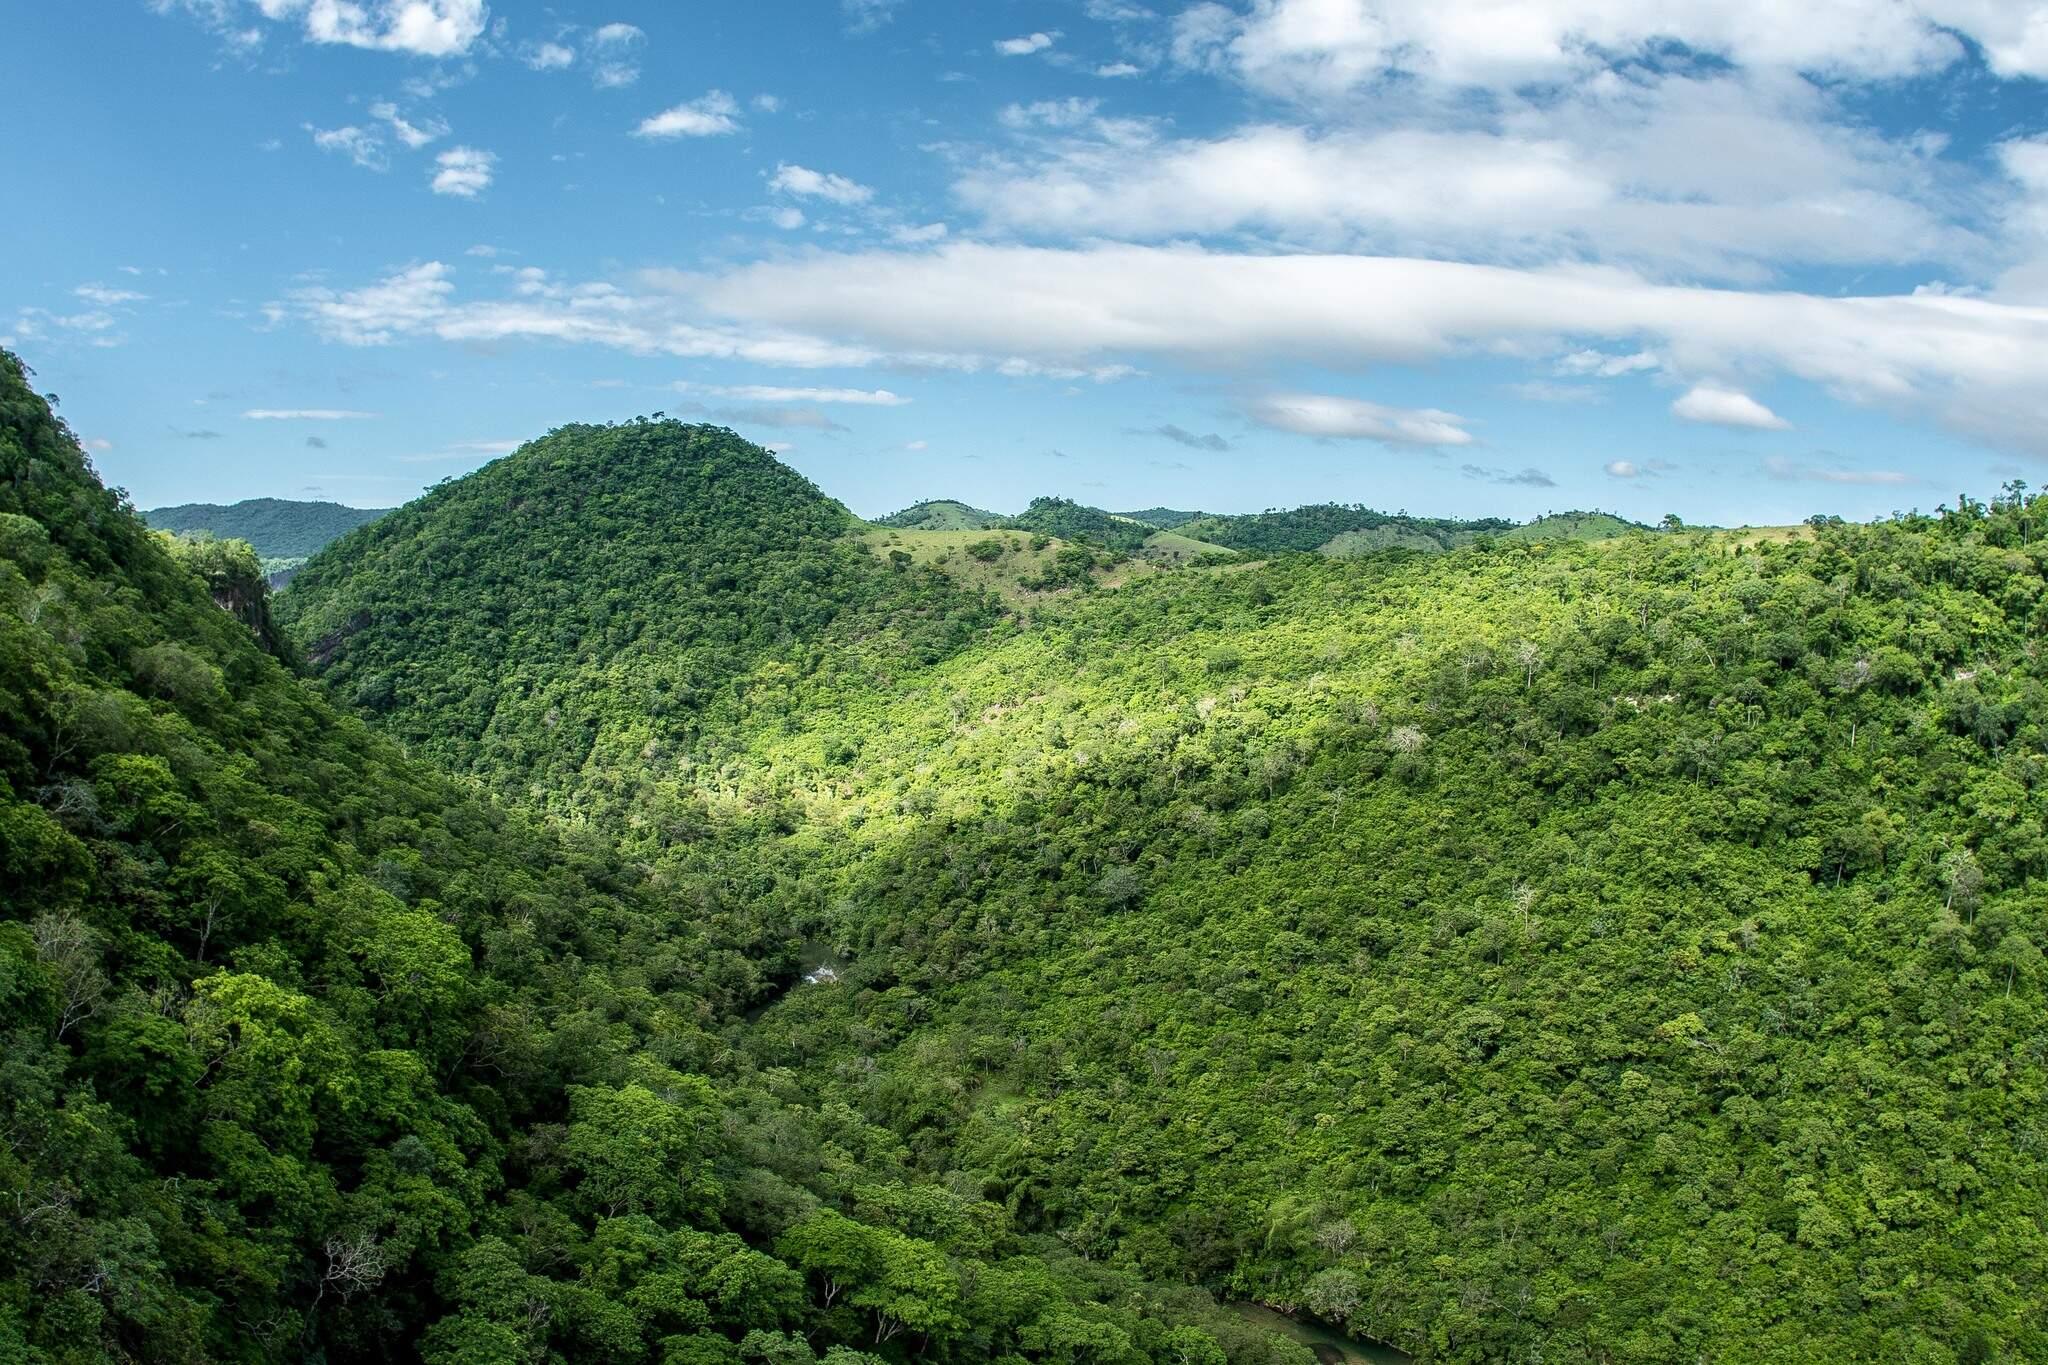 Criado há 20 anos, o Parque Nacional da Serra da Bodoquena, em Mato Grosso do Sul, só depende de infraestrutura de recepção e segurança para receber turistas (Foto: Reprodução)